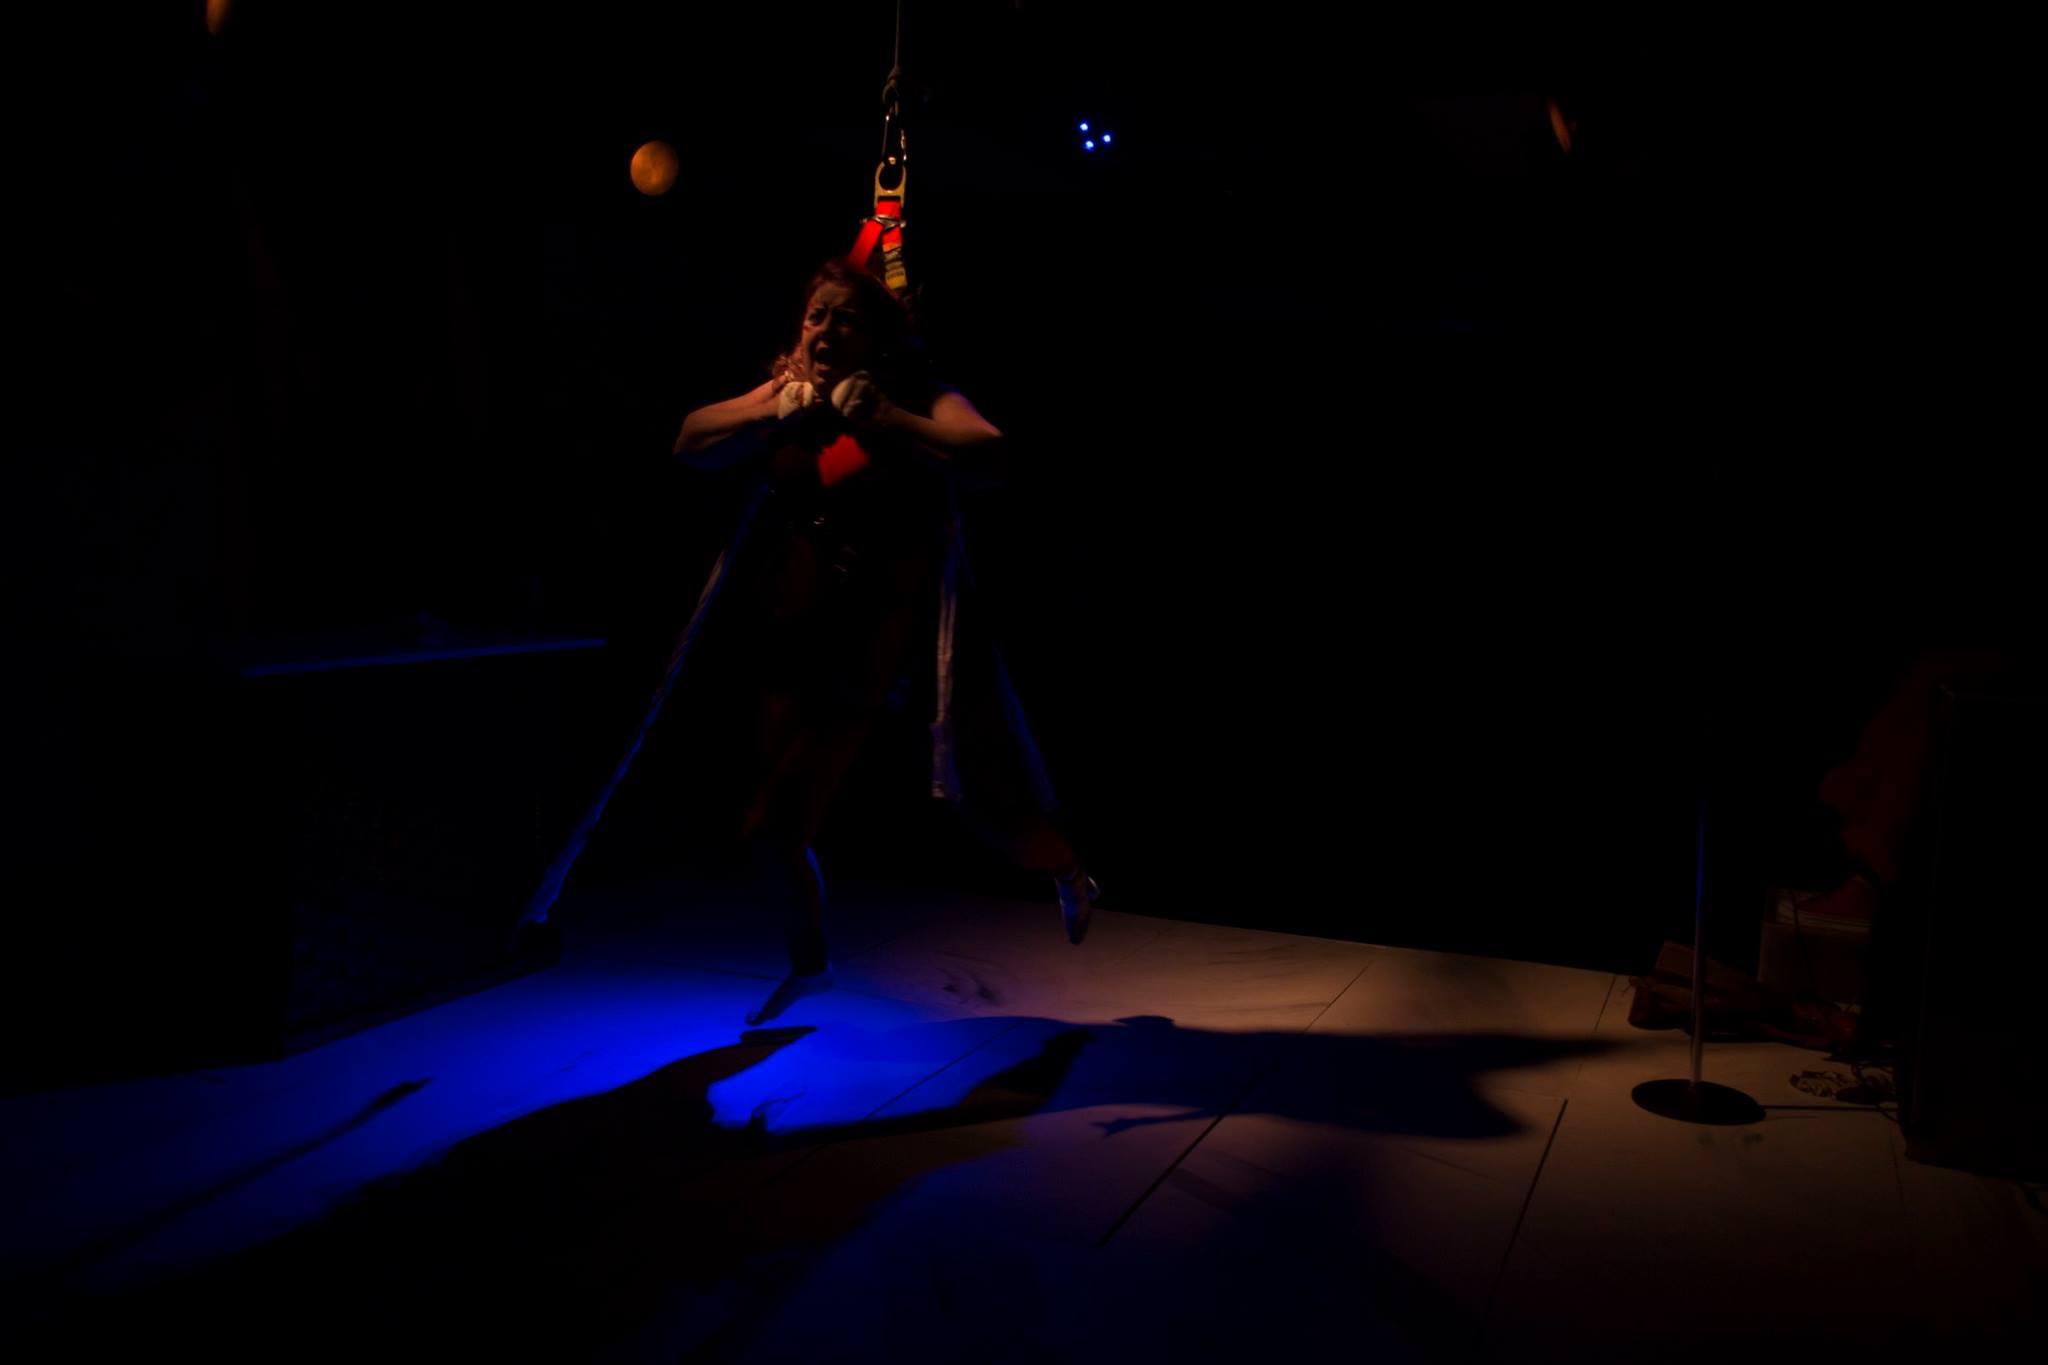 Deborah Randall in 'The Powers That Be' at Venus Theatre. Photo courtesy of Deborah Randall/Venus Theatre.